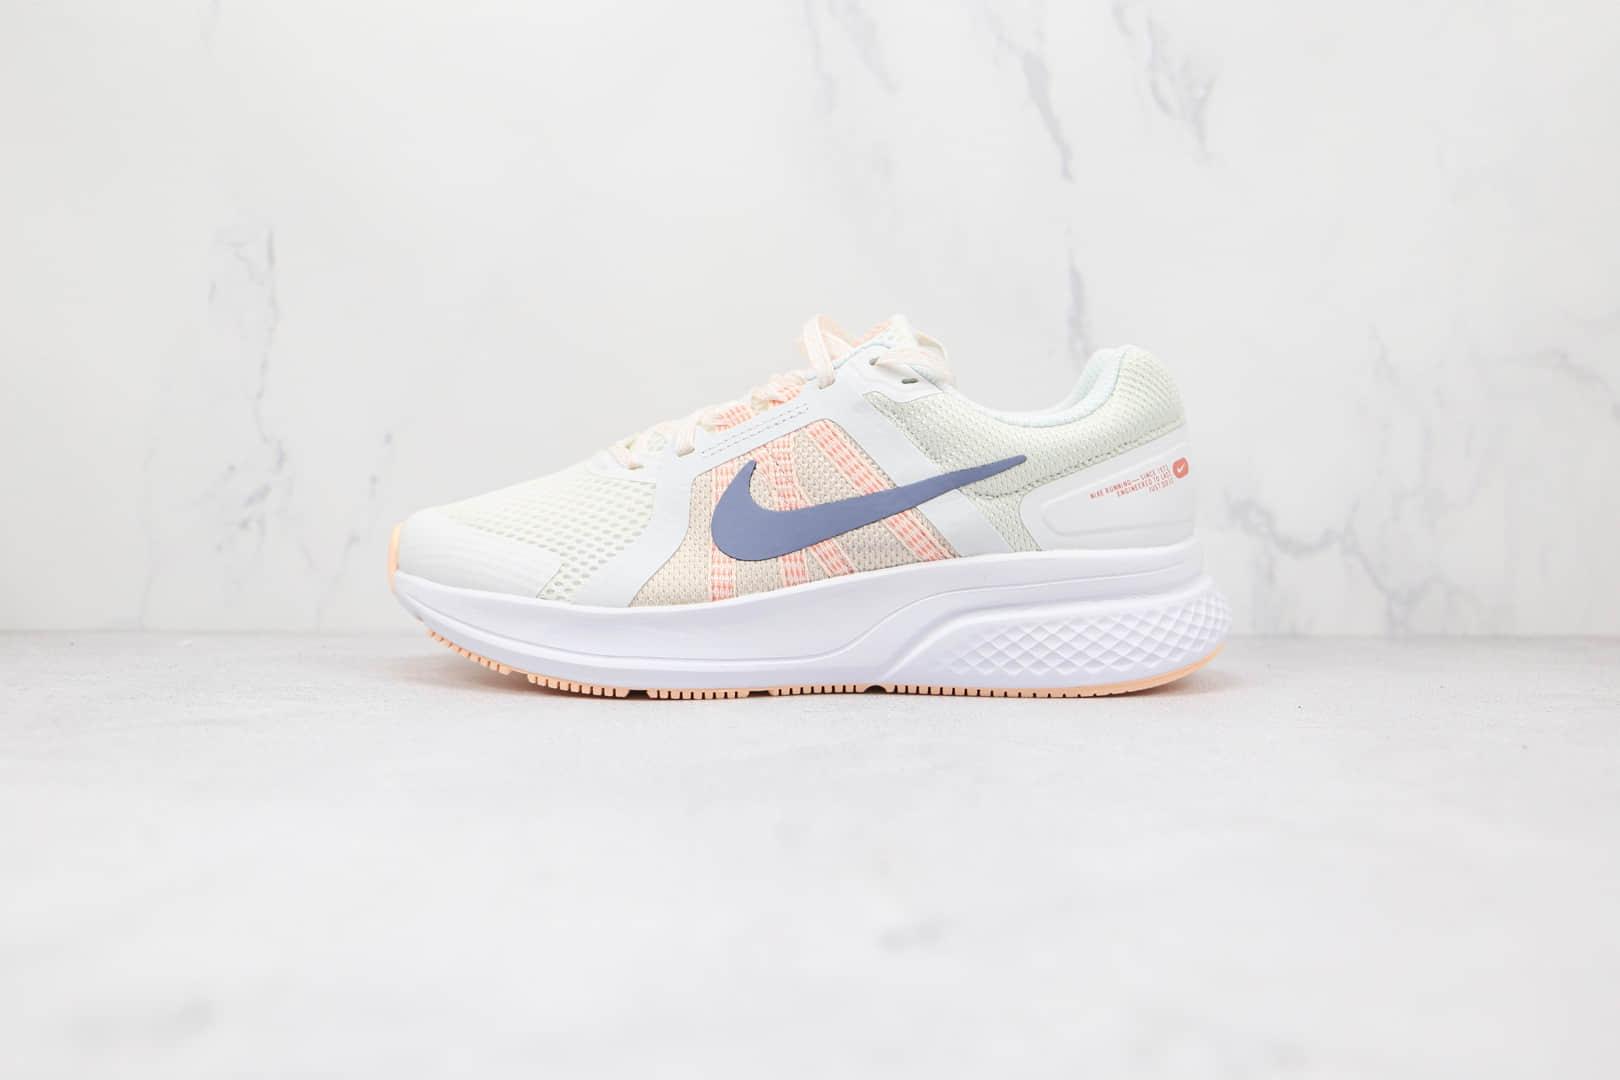 耐克Nike Run Swift 2纯原版本极致S2黑橙色跑步鞋原档案数据开发 货号:CU3528-100